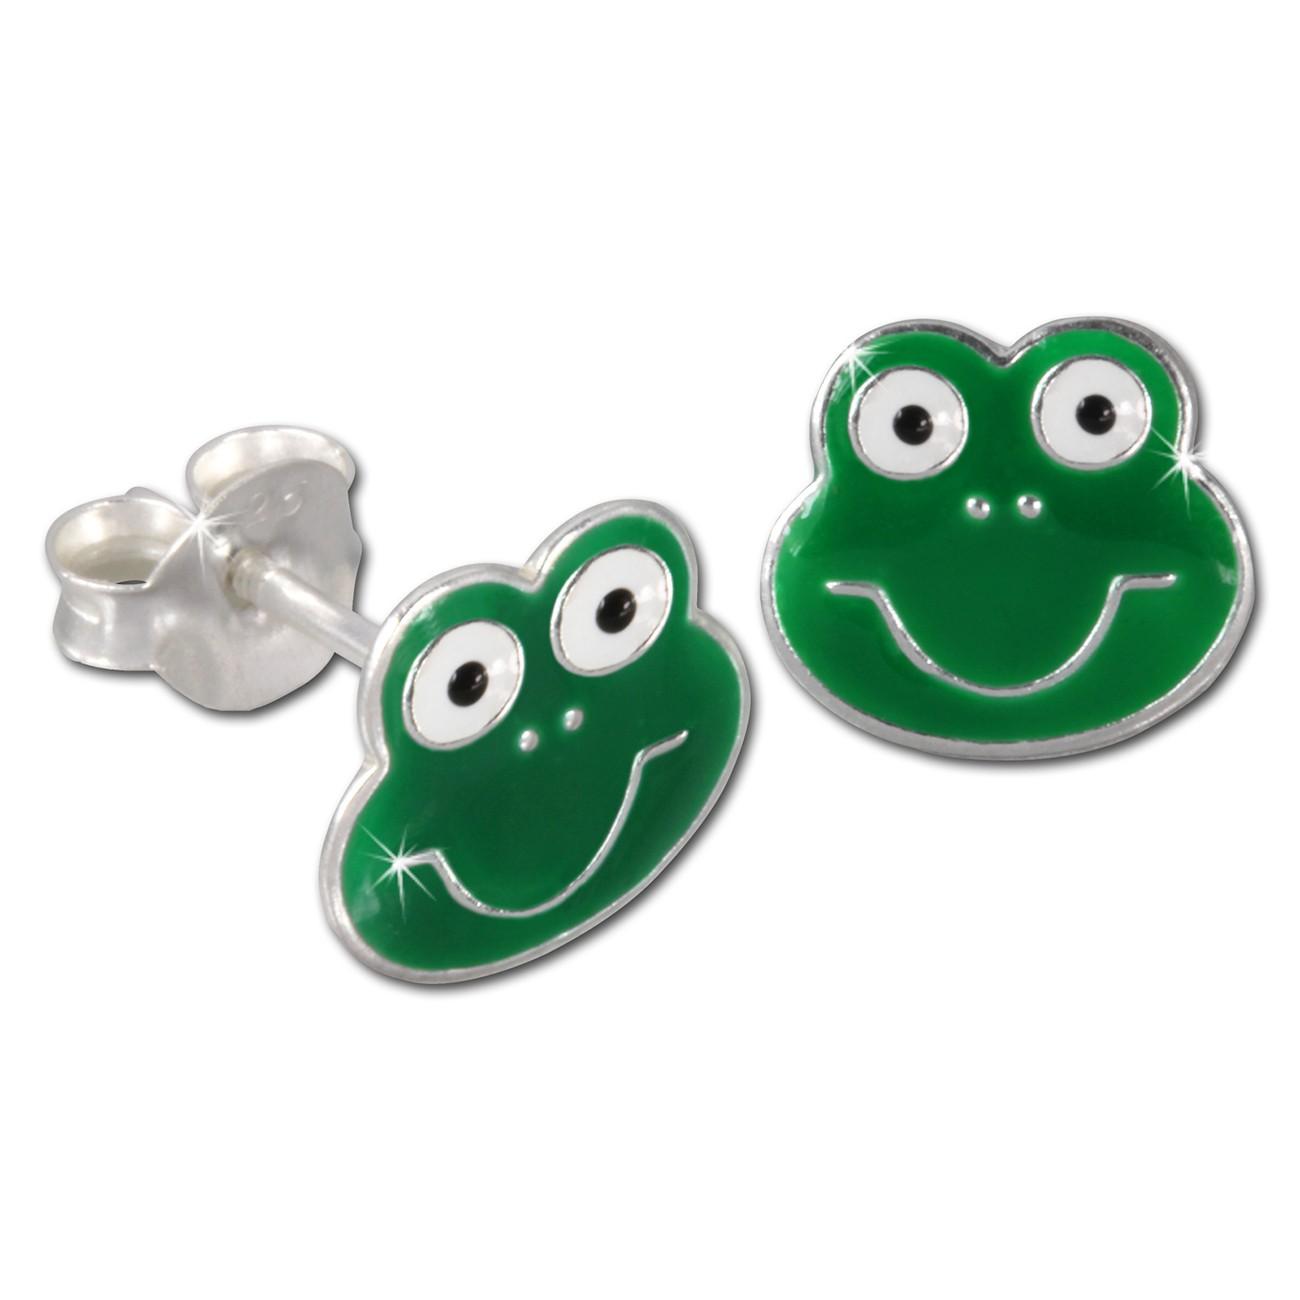 Kinder Ohrring Frosch grün Silber Ohrstecker Kinderschmuck TW SDO8111G